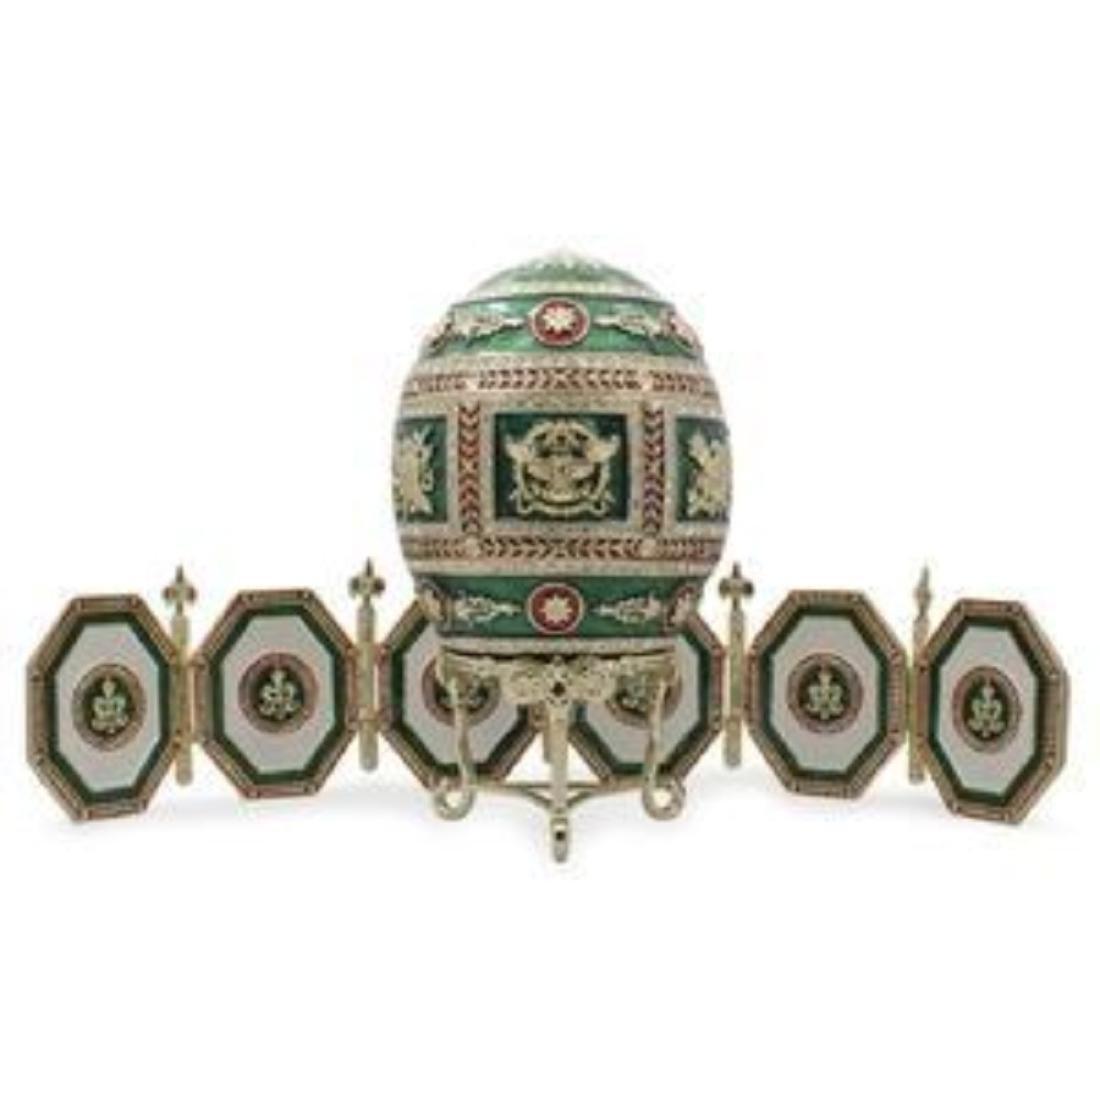 Pins & Brooches Dutiful Four Leaf Clover Brooch Fashion Jewelry